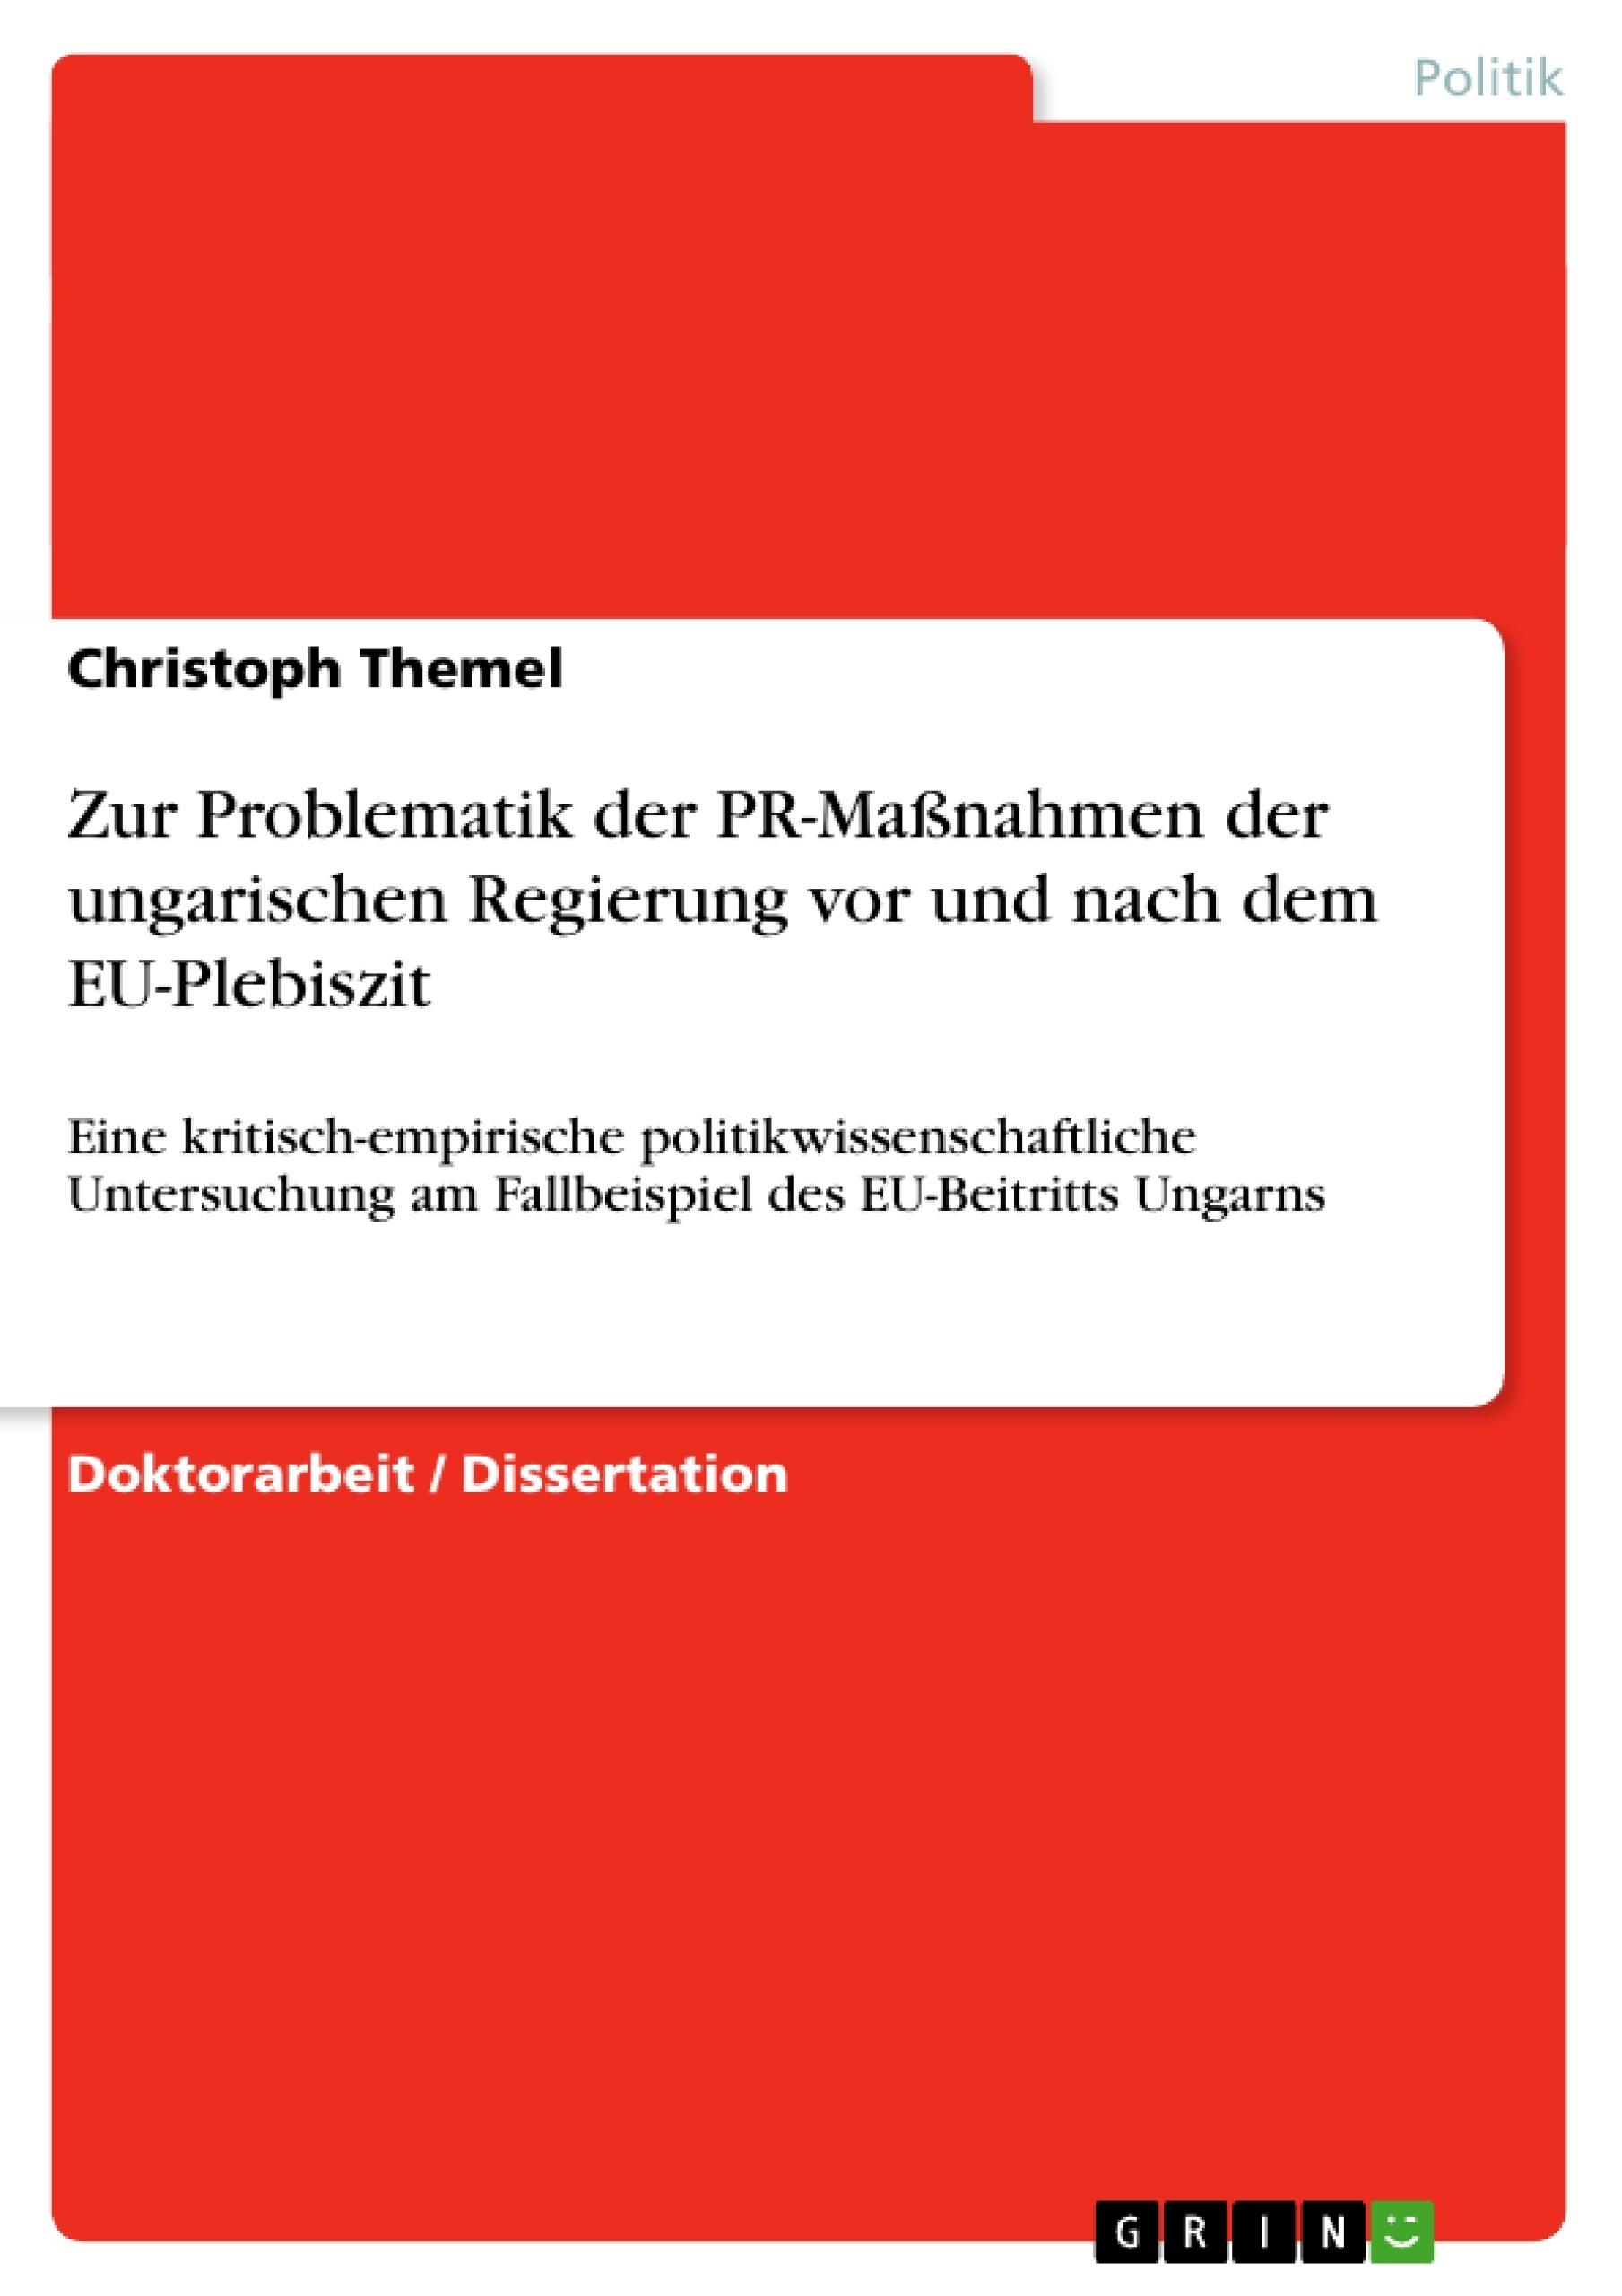 Titel: Zur Problematik der PR-Maßnahmen der ungarischen Regierung vor und nach dem EU-Plebiszit